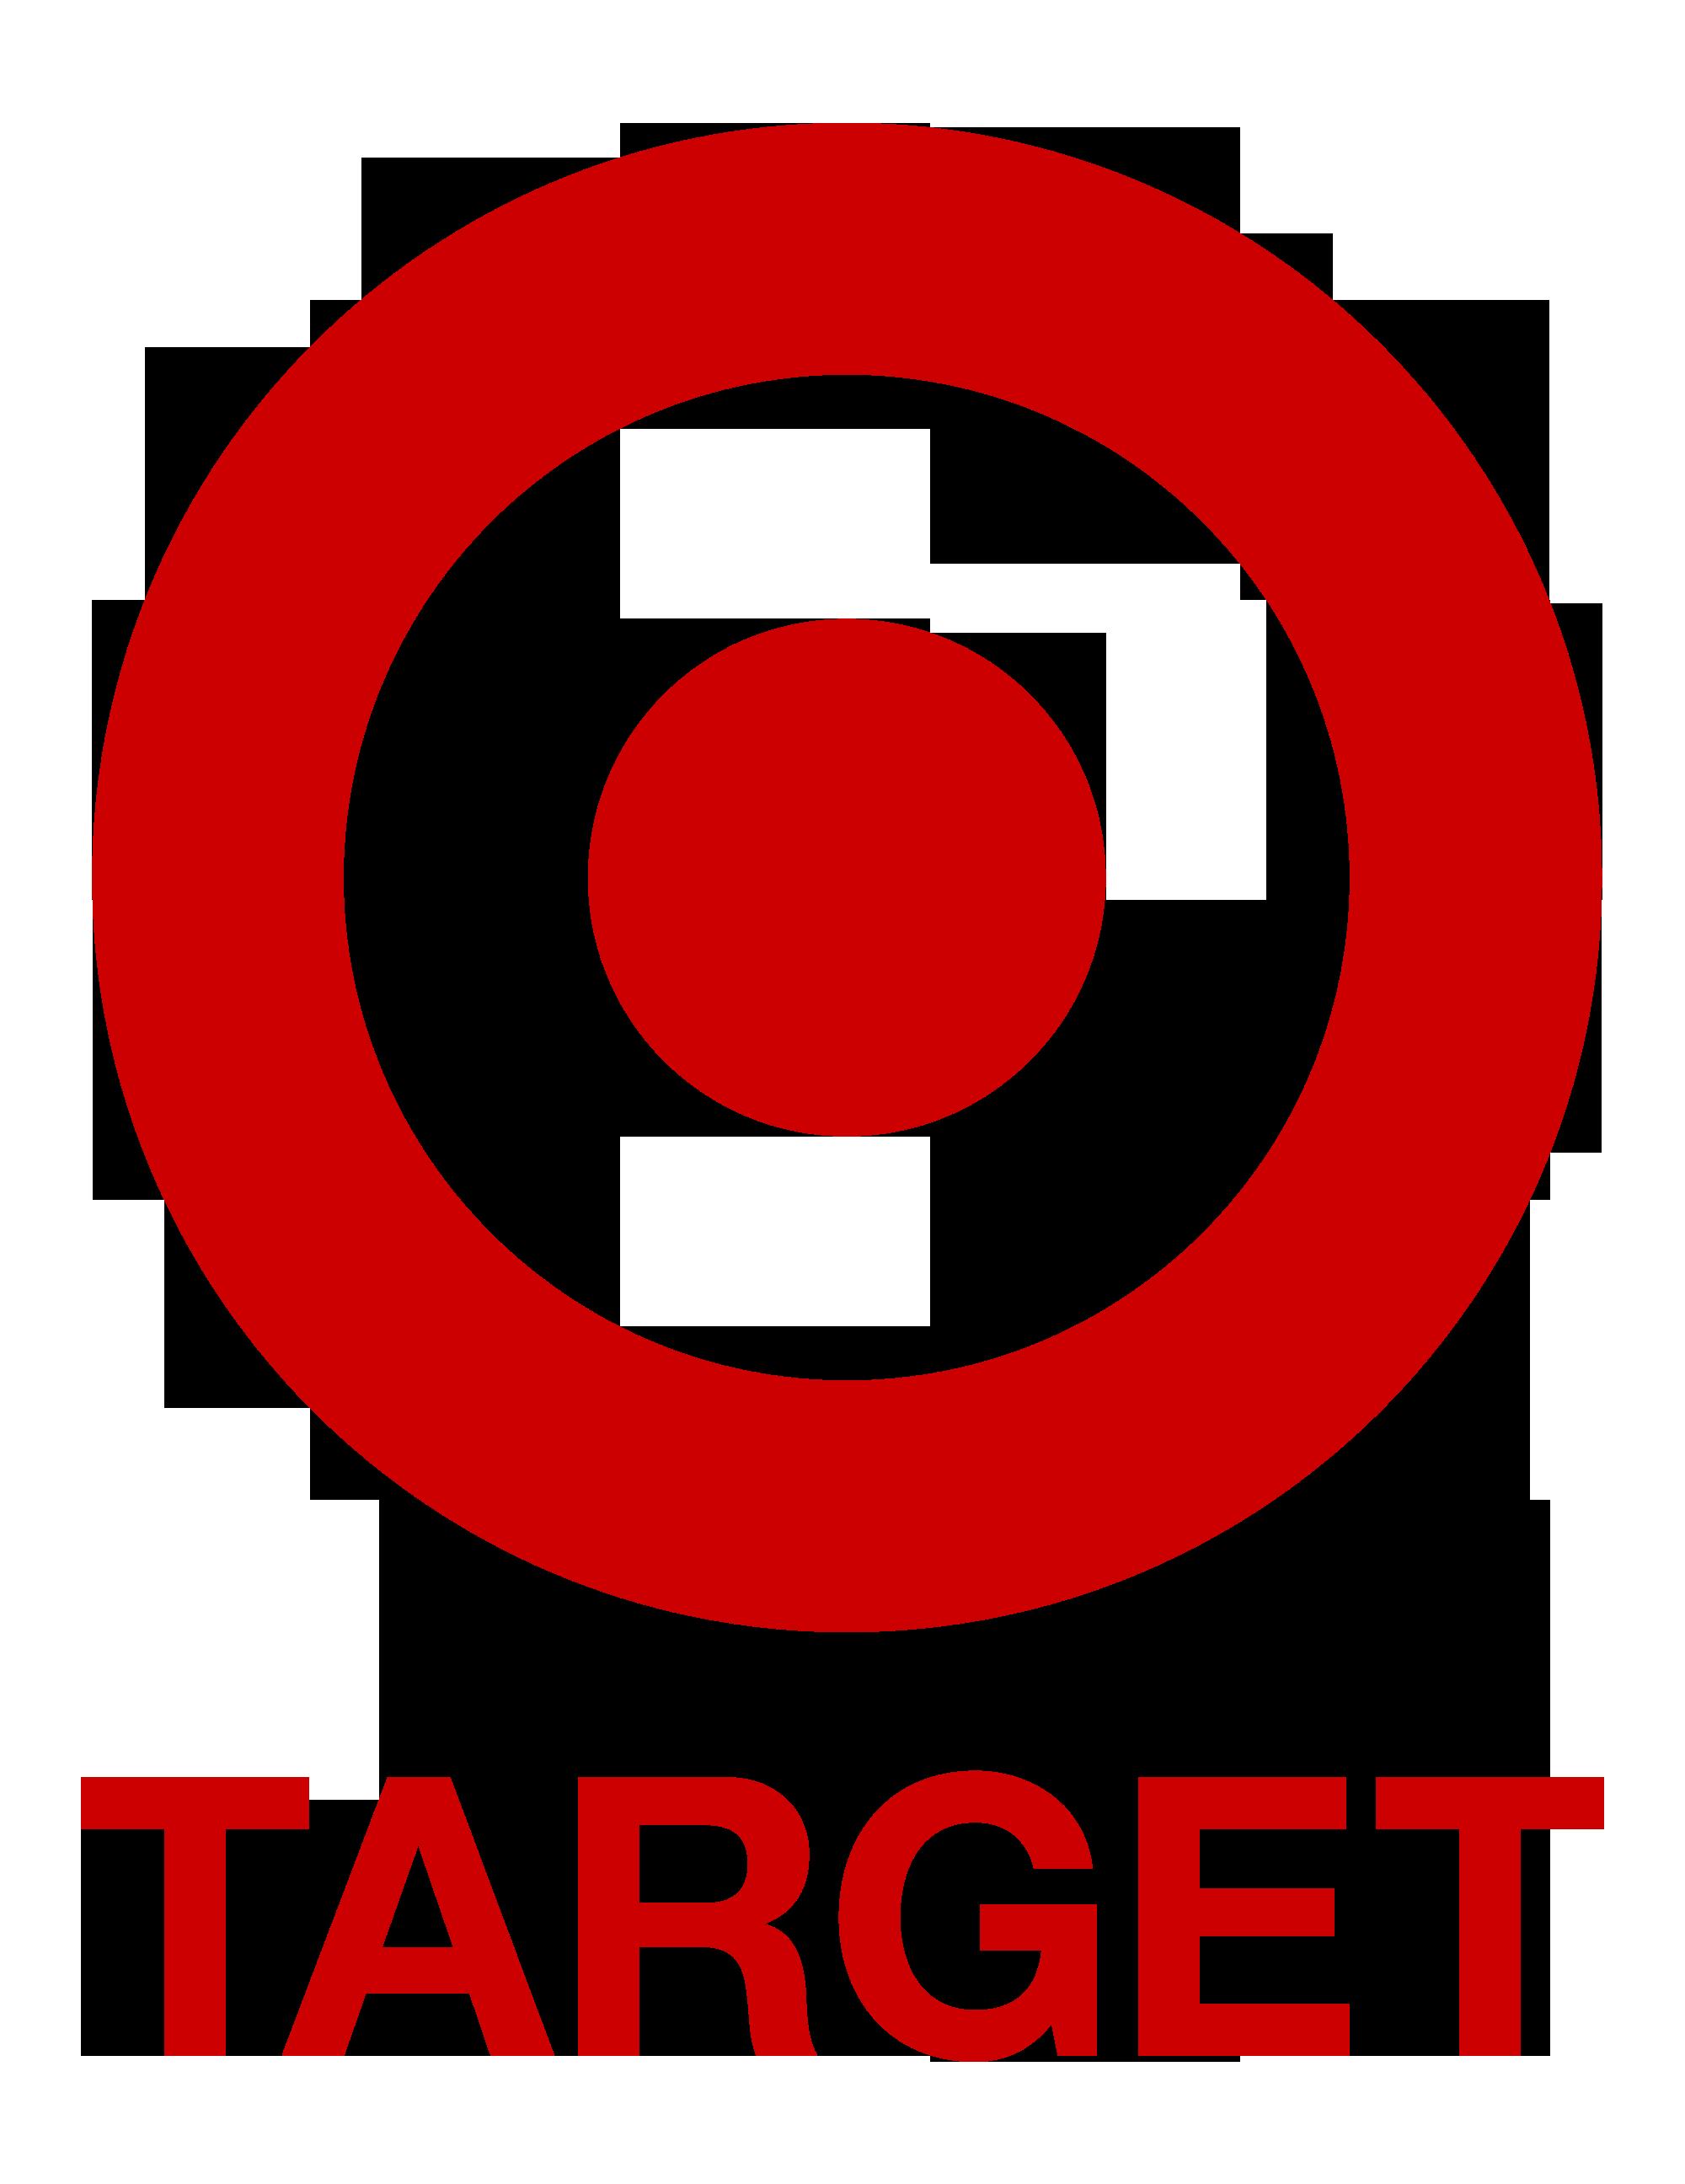 Target logo transparent